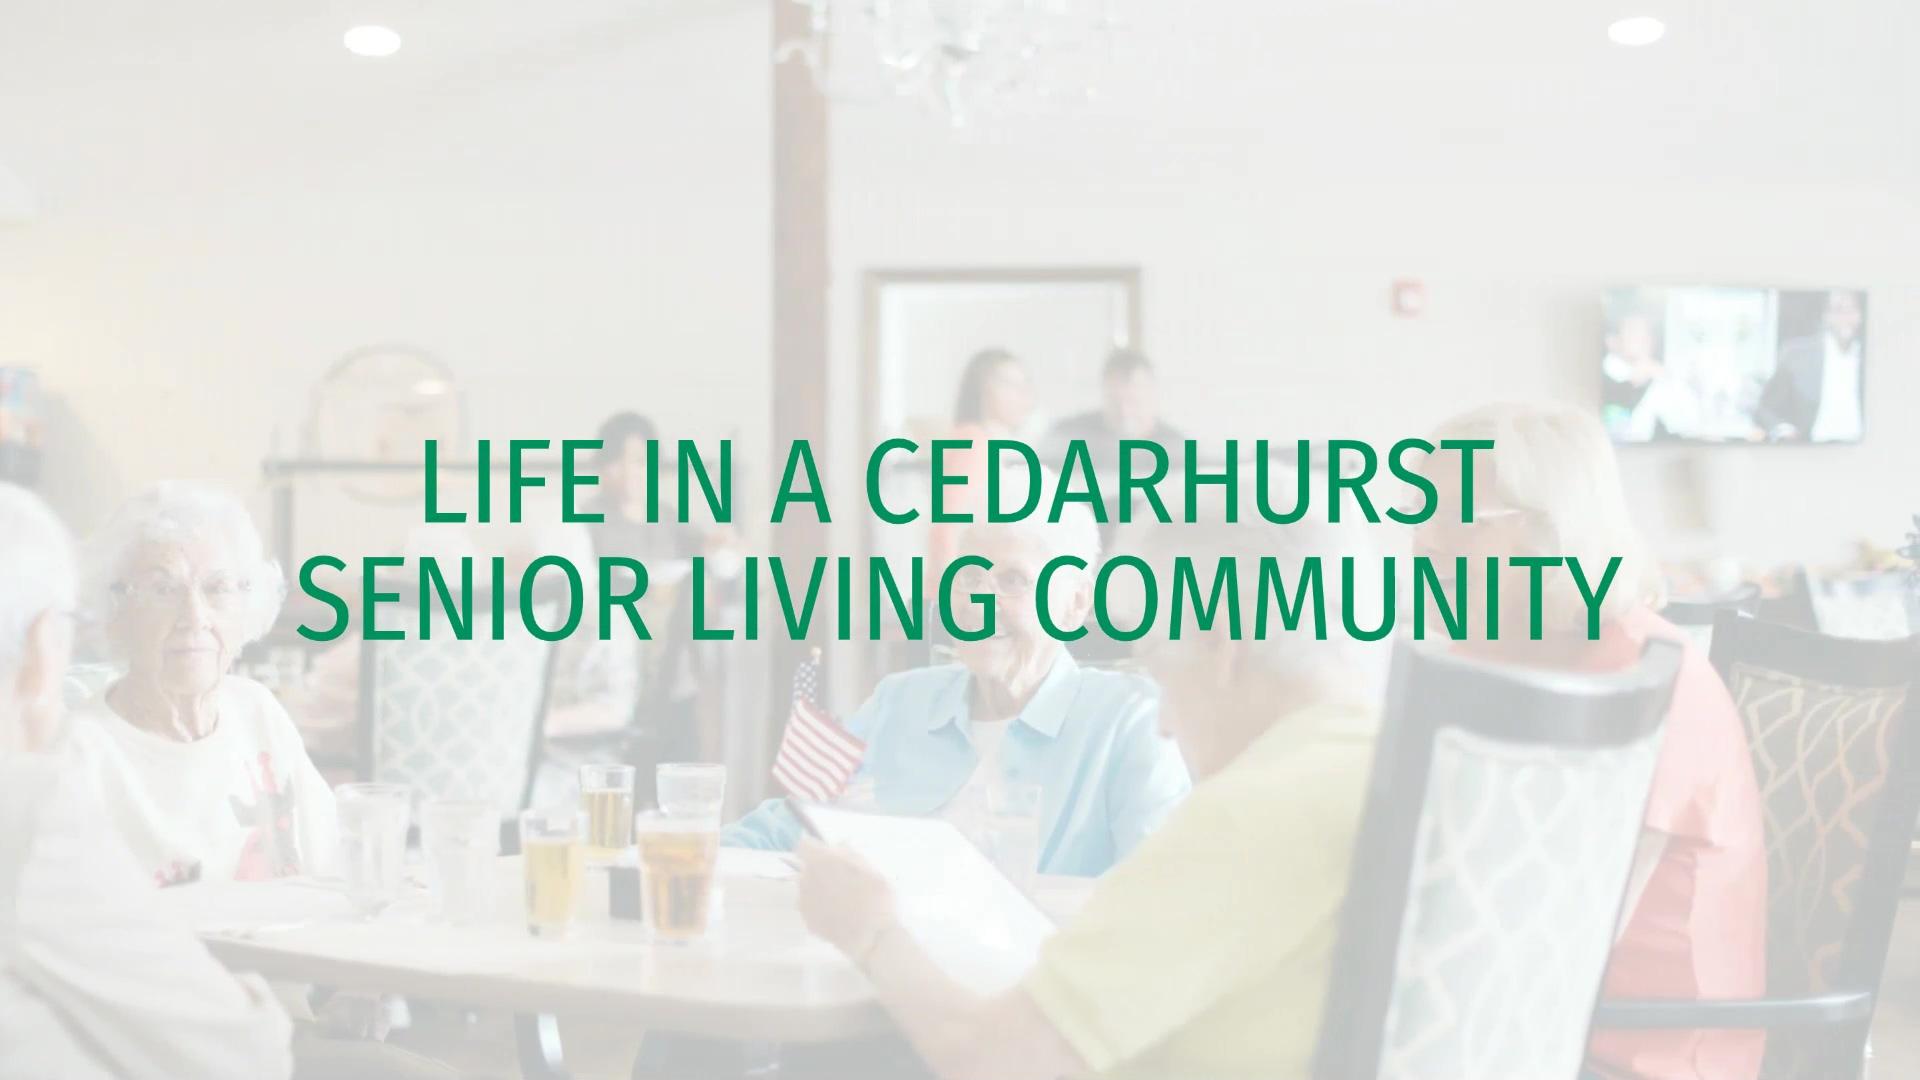 Cedarhurst_LIFE IN A CEDARHURST SENIOR LIVING COMMUNITY_Video